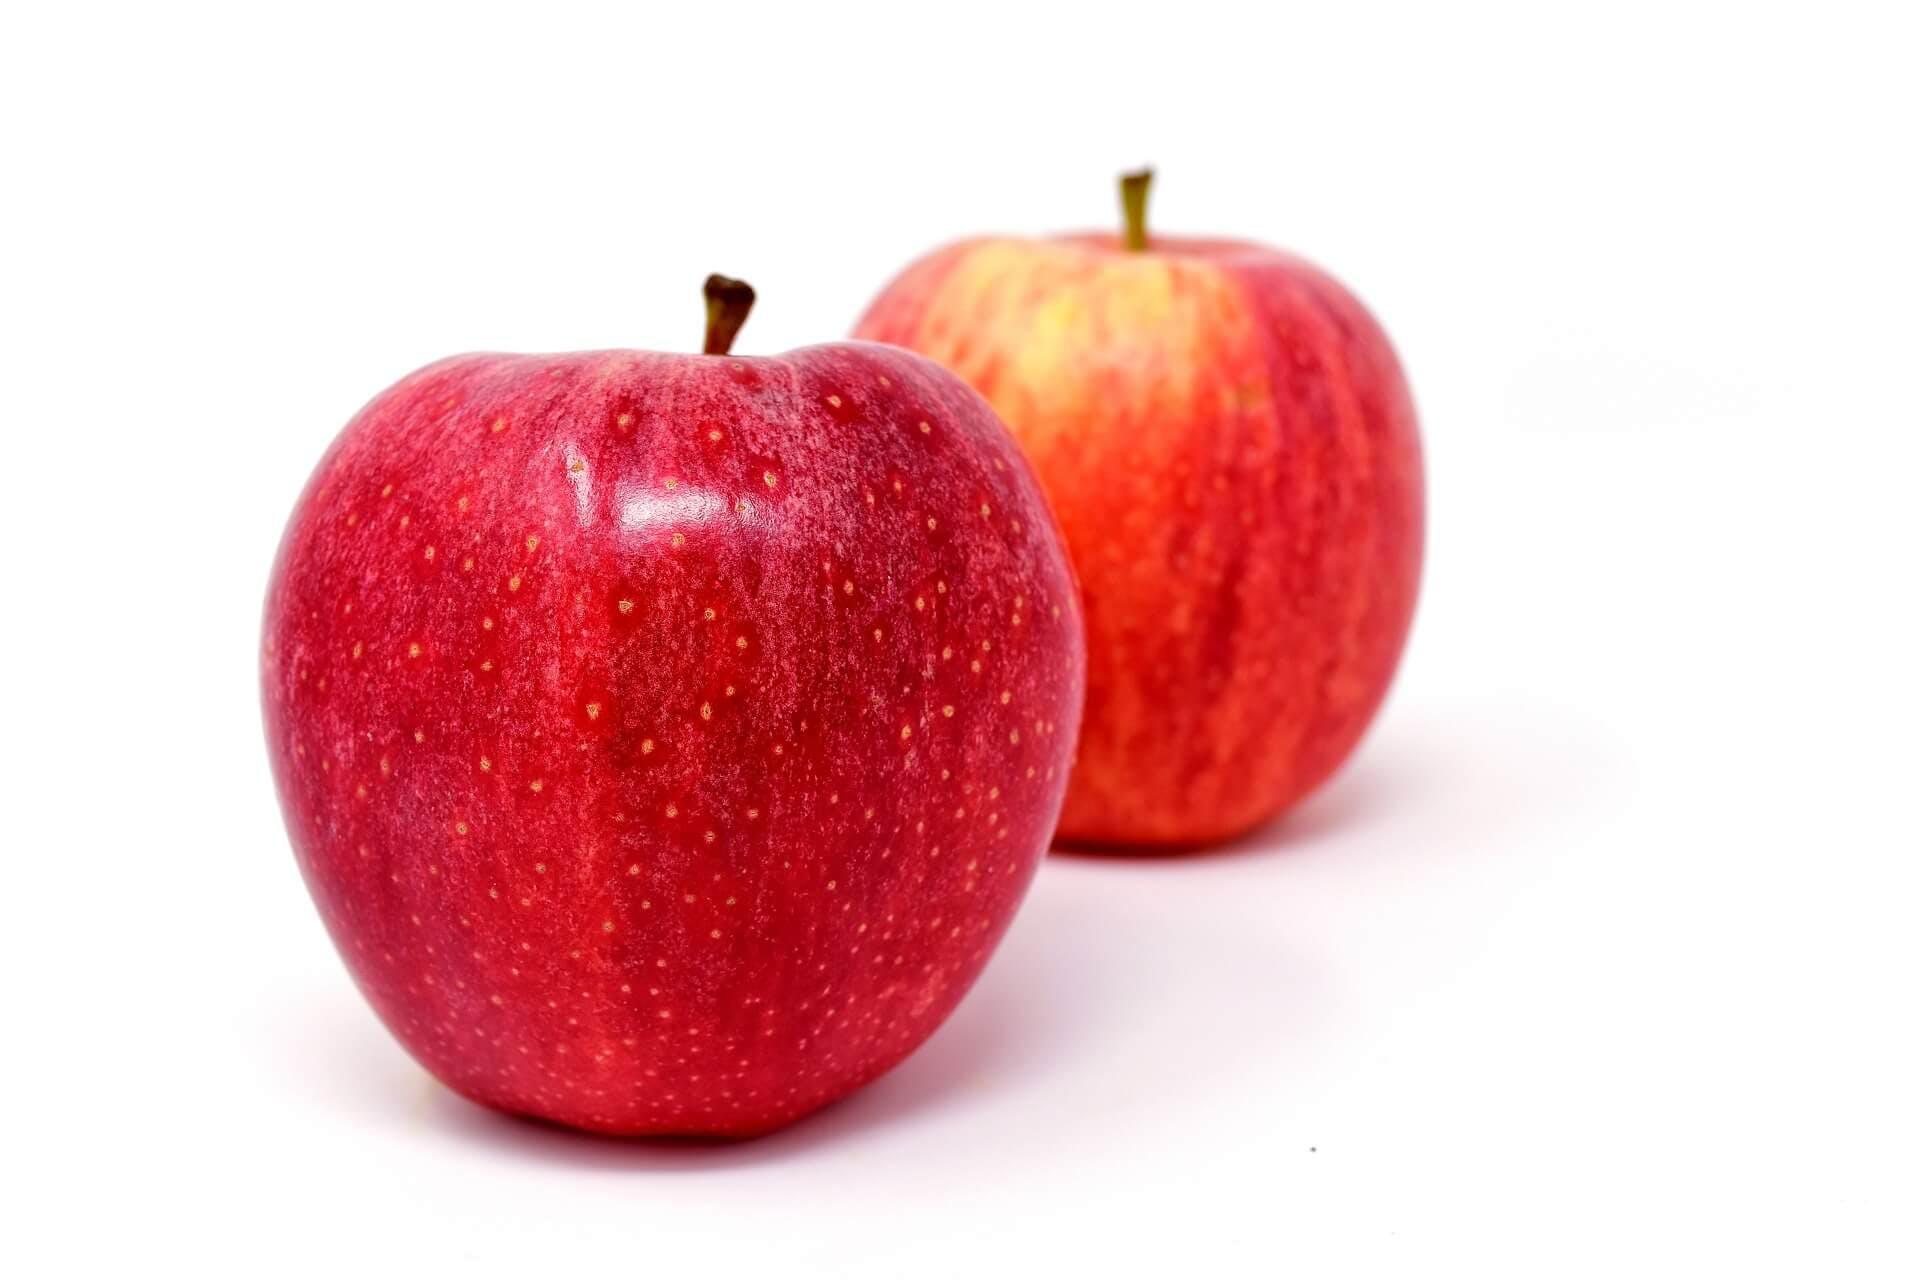 effet matrice, l'exemple de la pomme